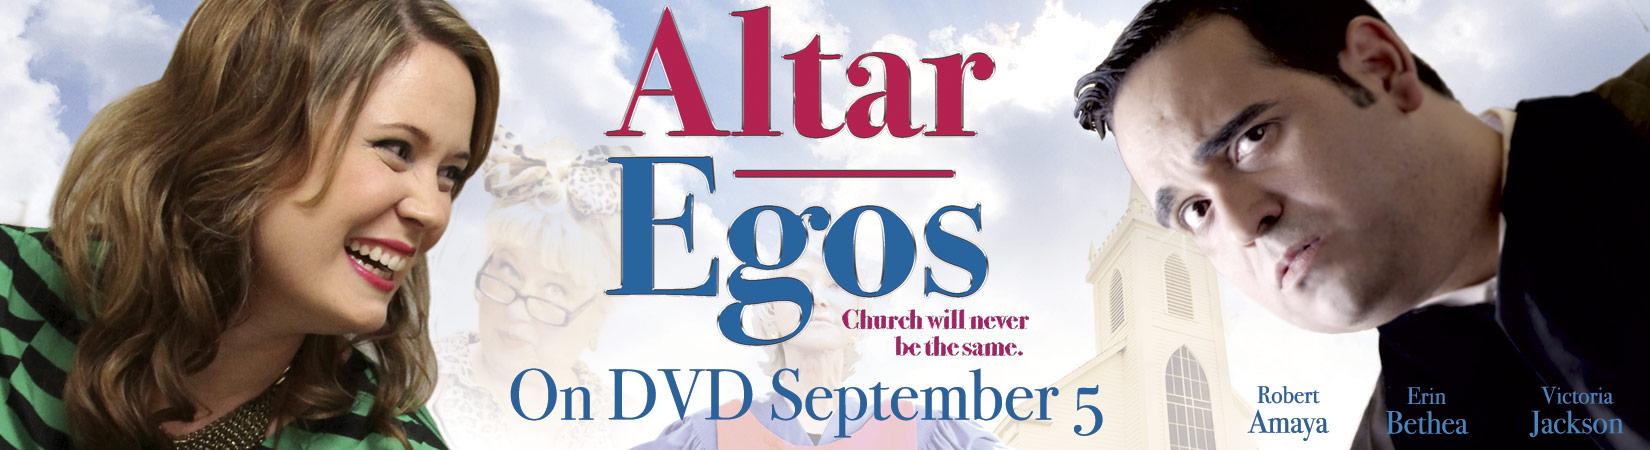 Altar Egos – A Hilarious Look at Church Life